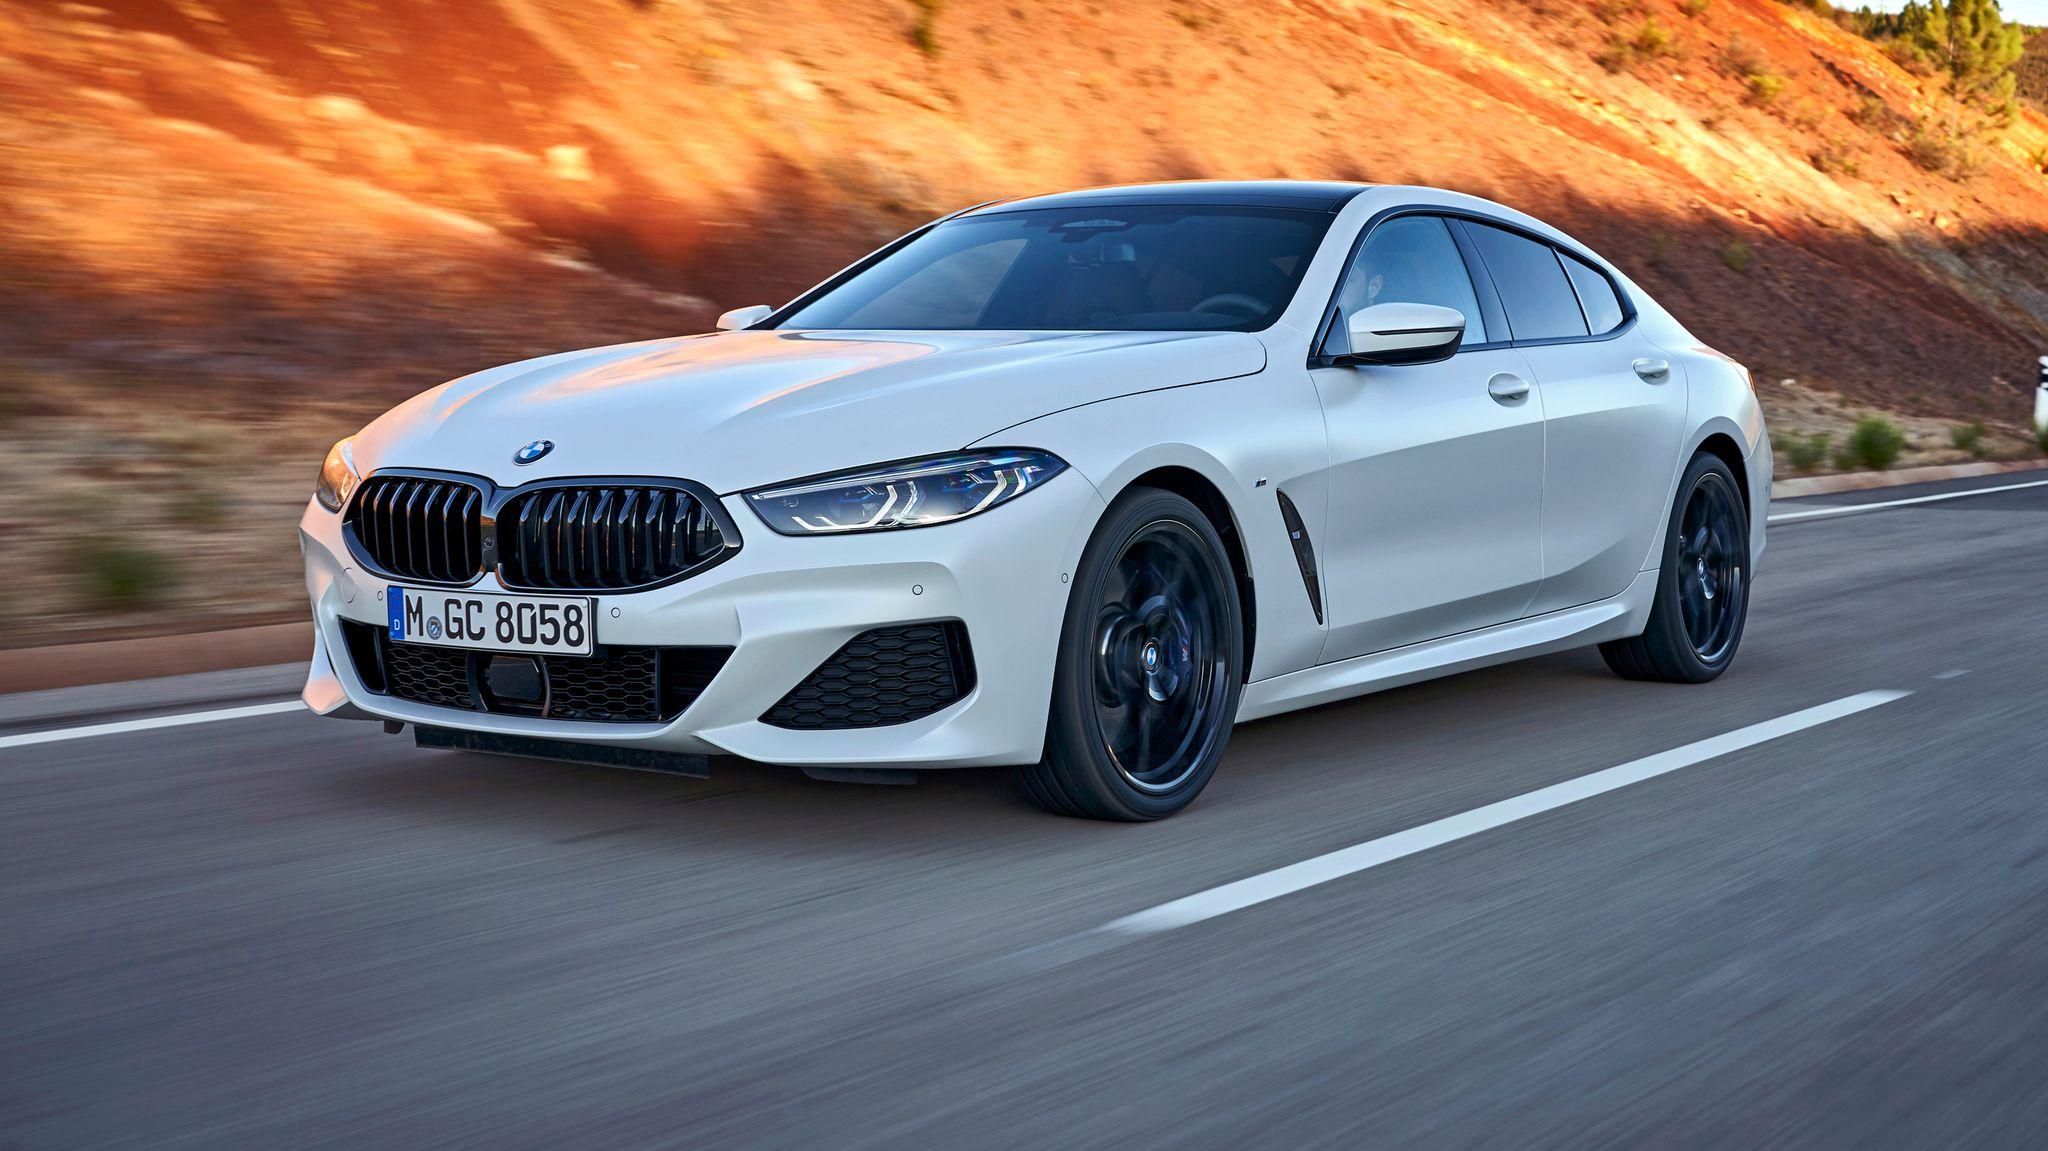 2021 BMW M850xi